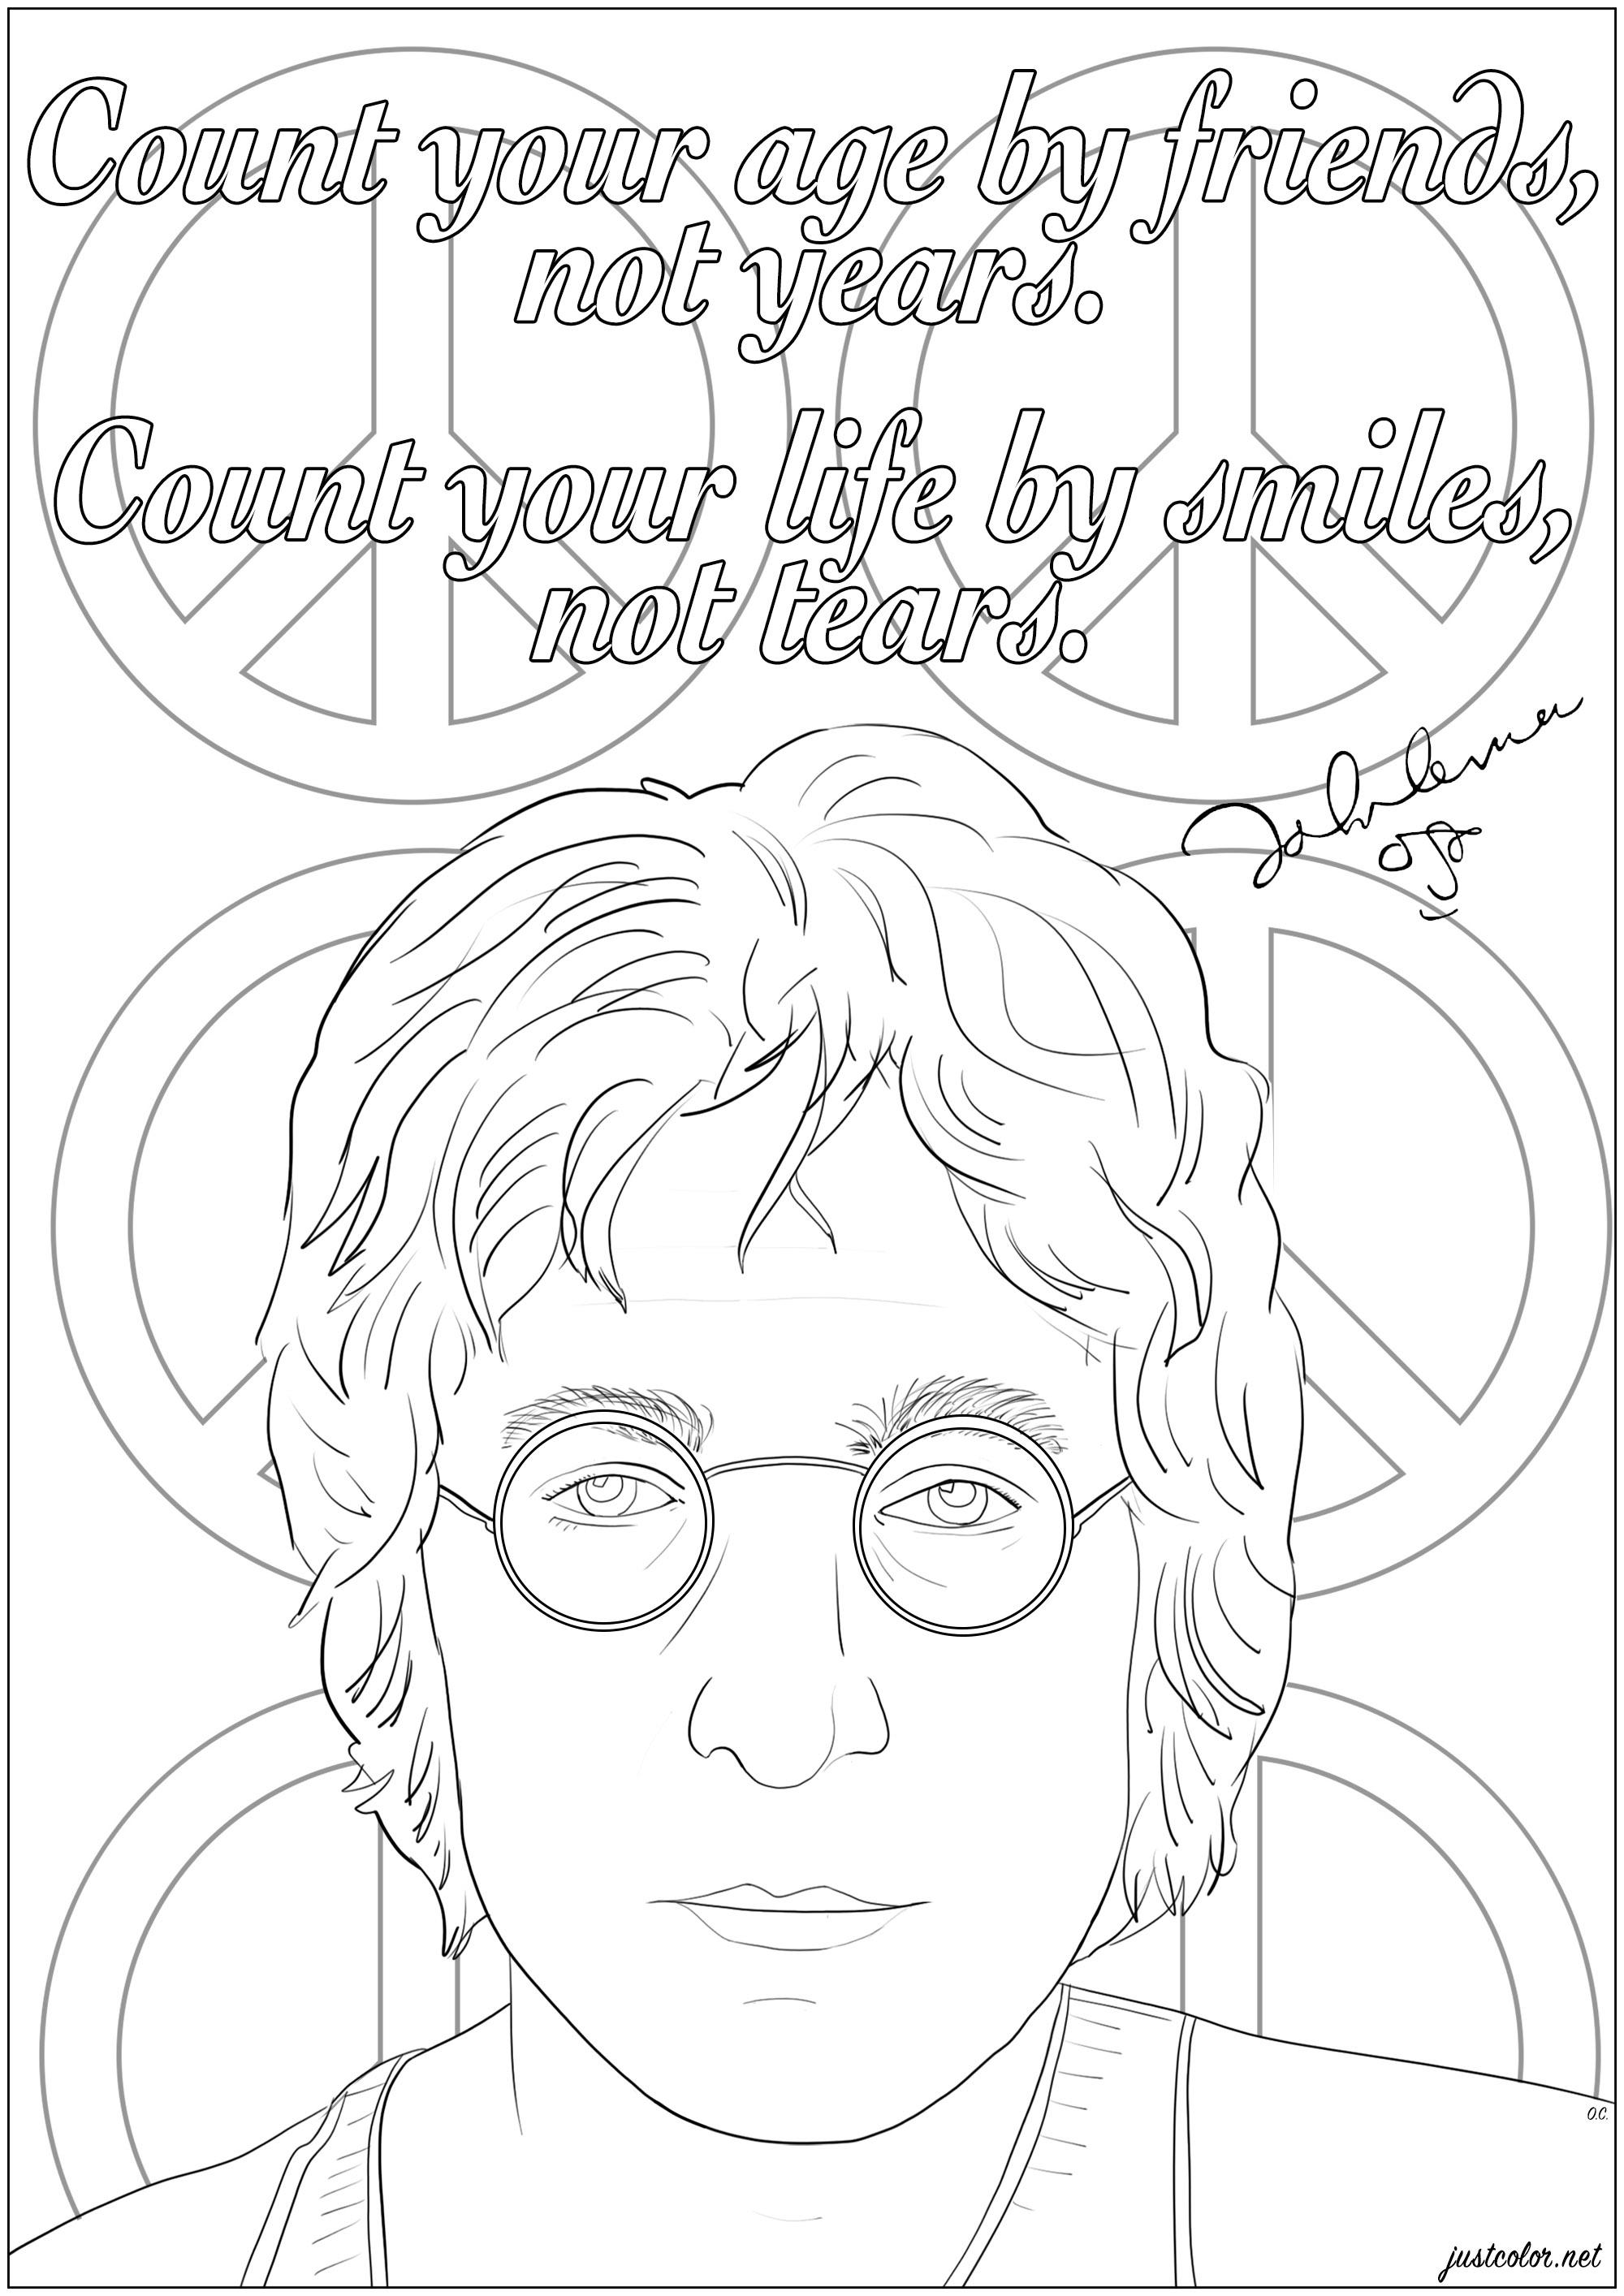 Coloriage d'un portrait de John Lennon avec sa citation en anglais : 'Count your age by friends, not years. Count your life by smiles, not tears.'